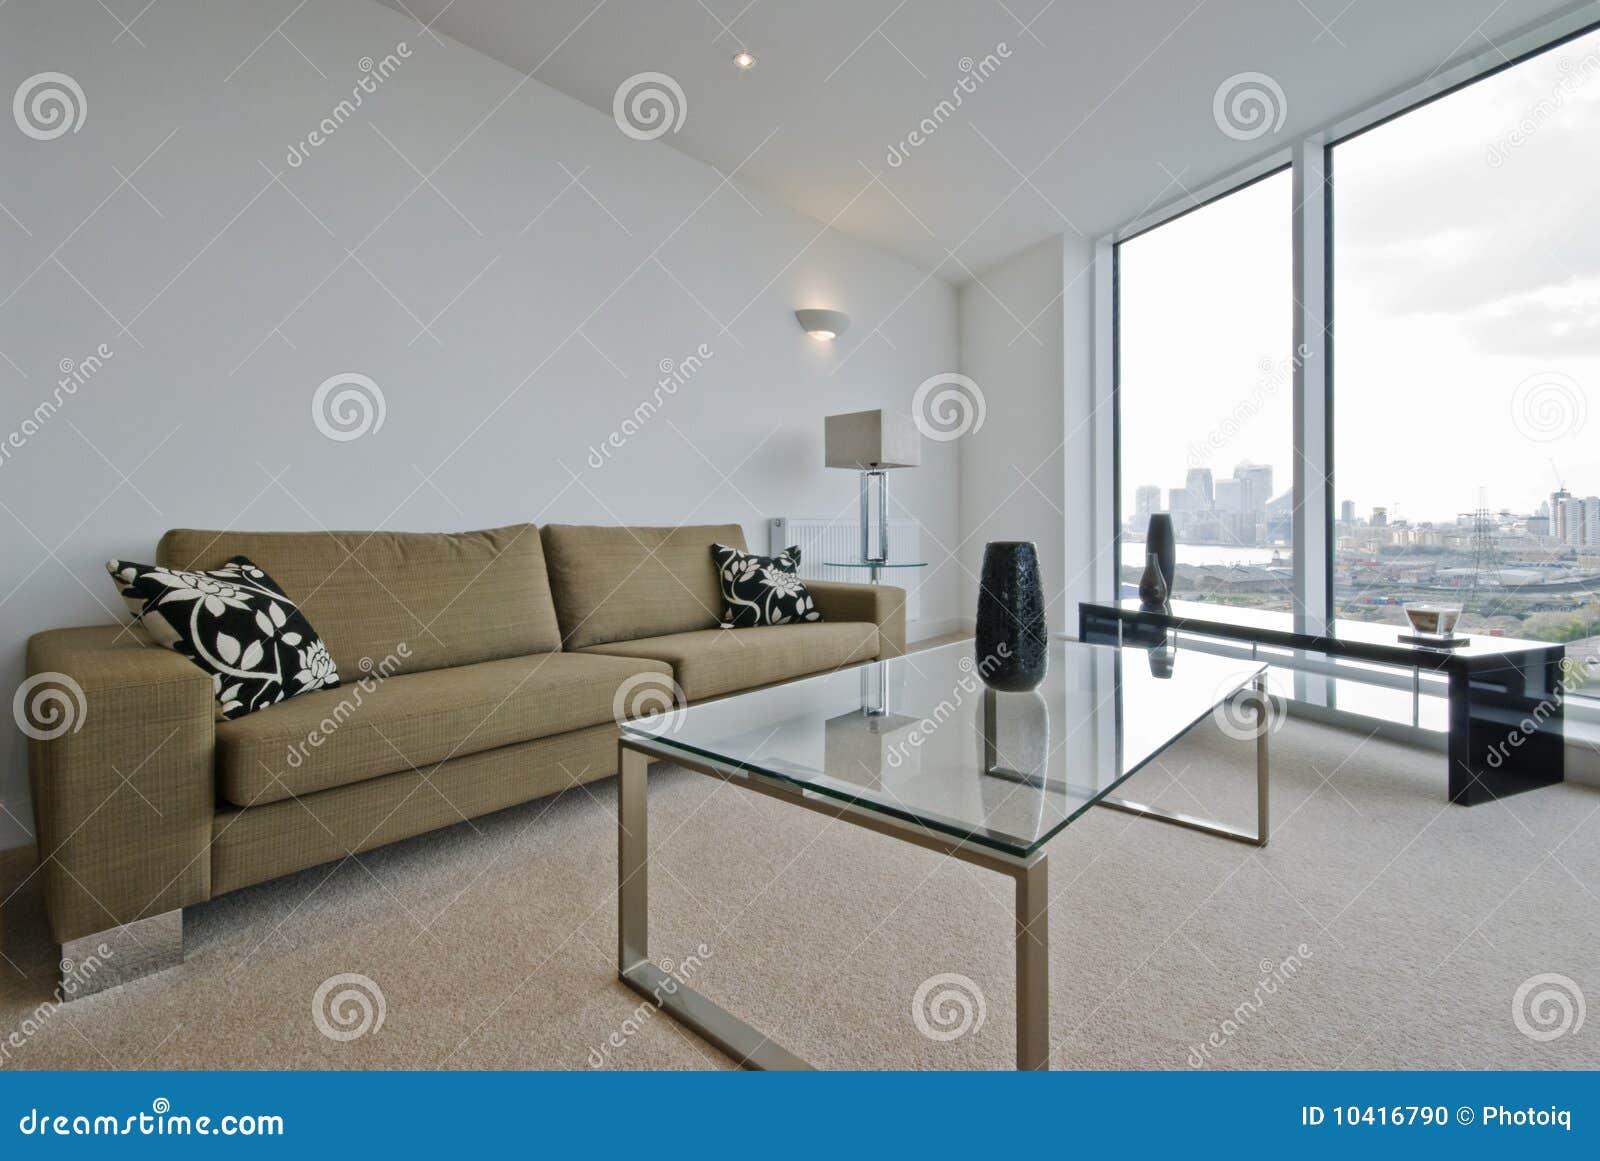 Sala de estar con opiniones de la ciudad